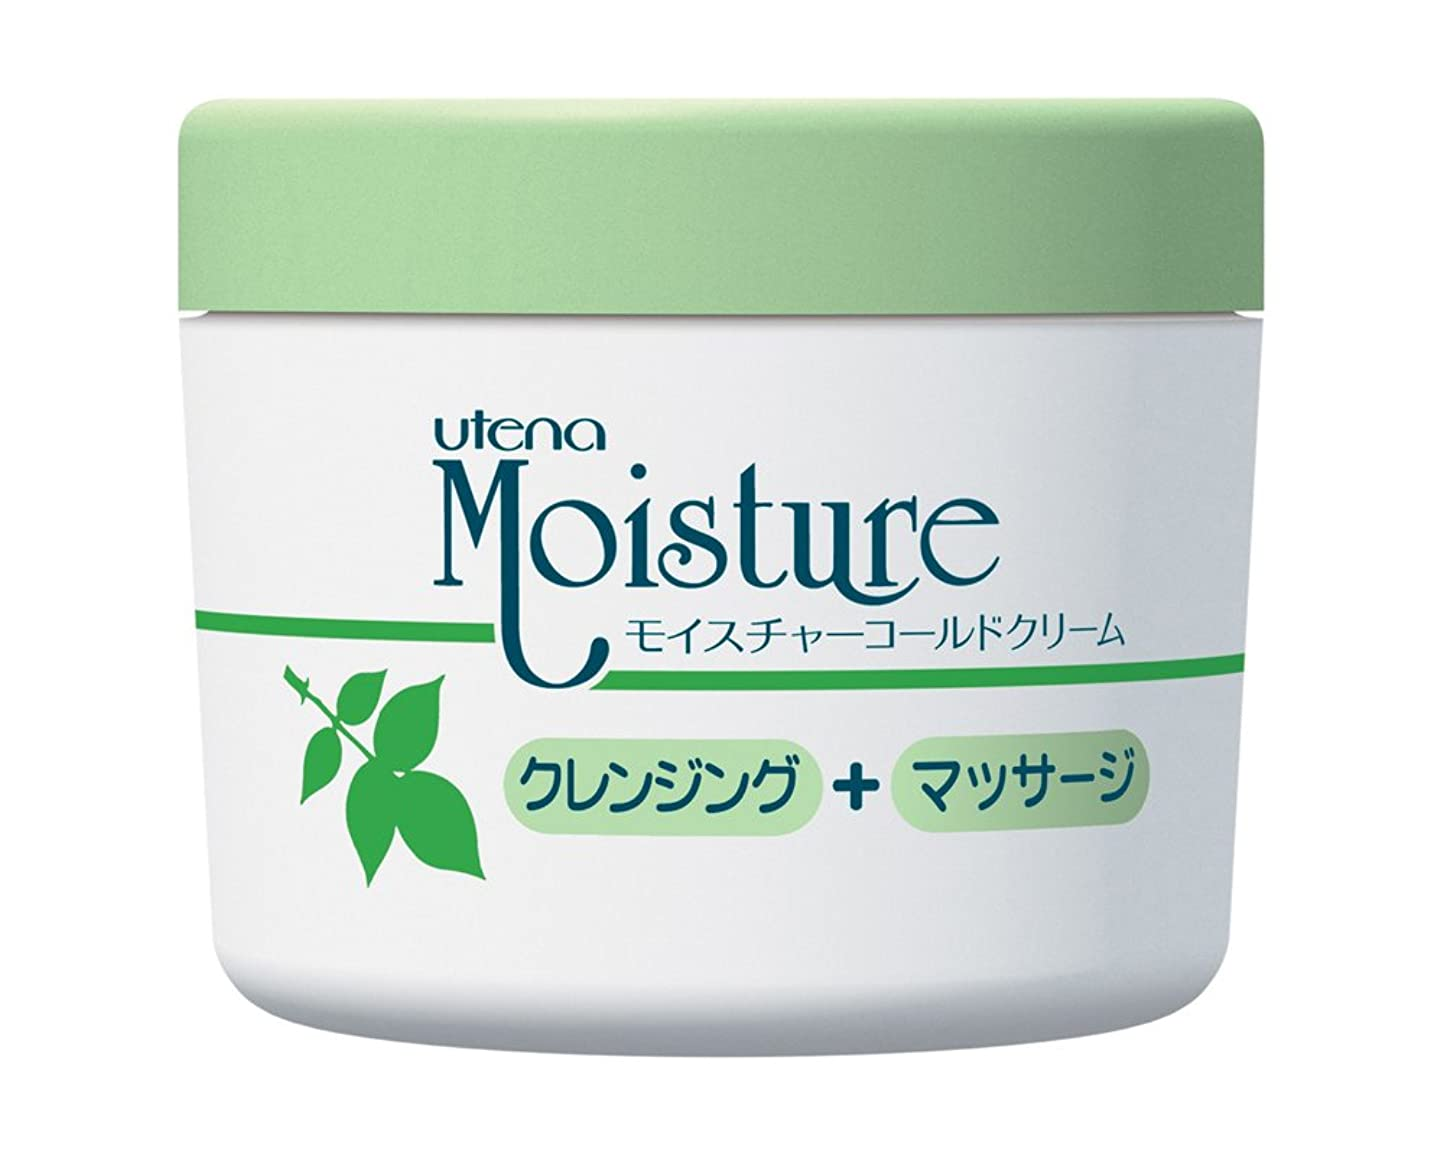 エキスパート胃開業医ウテナ モイスチャーコールドクリーム (洗い流し?ふきとり両用タイプ) 250g